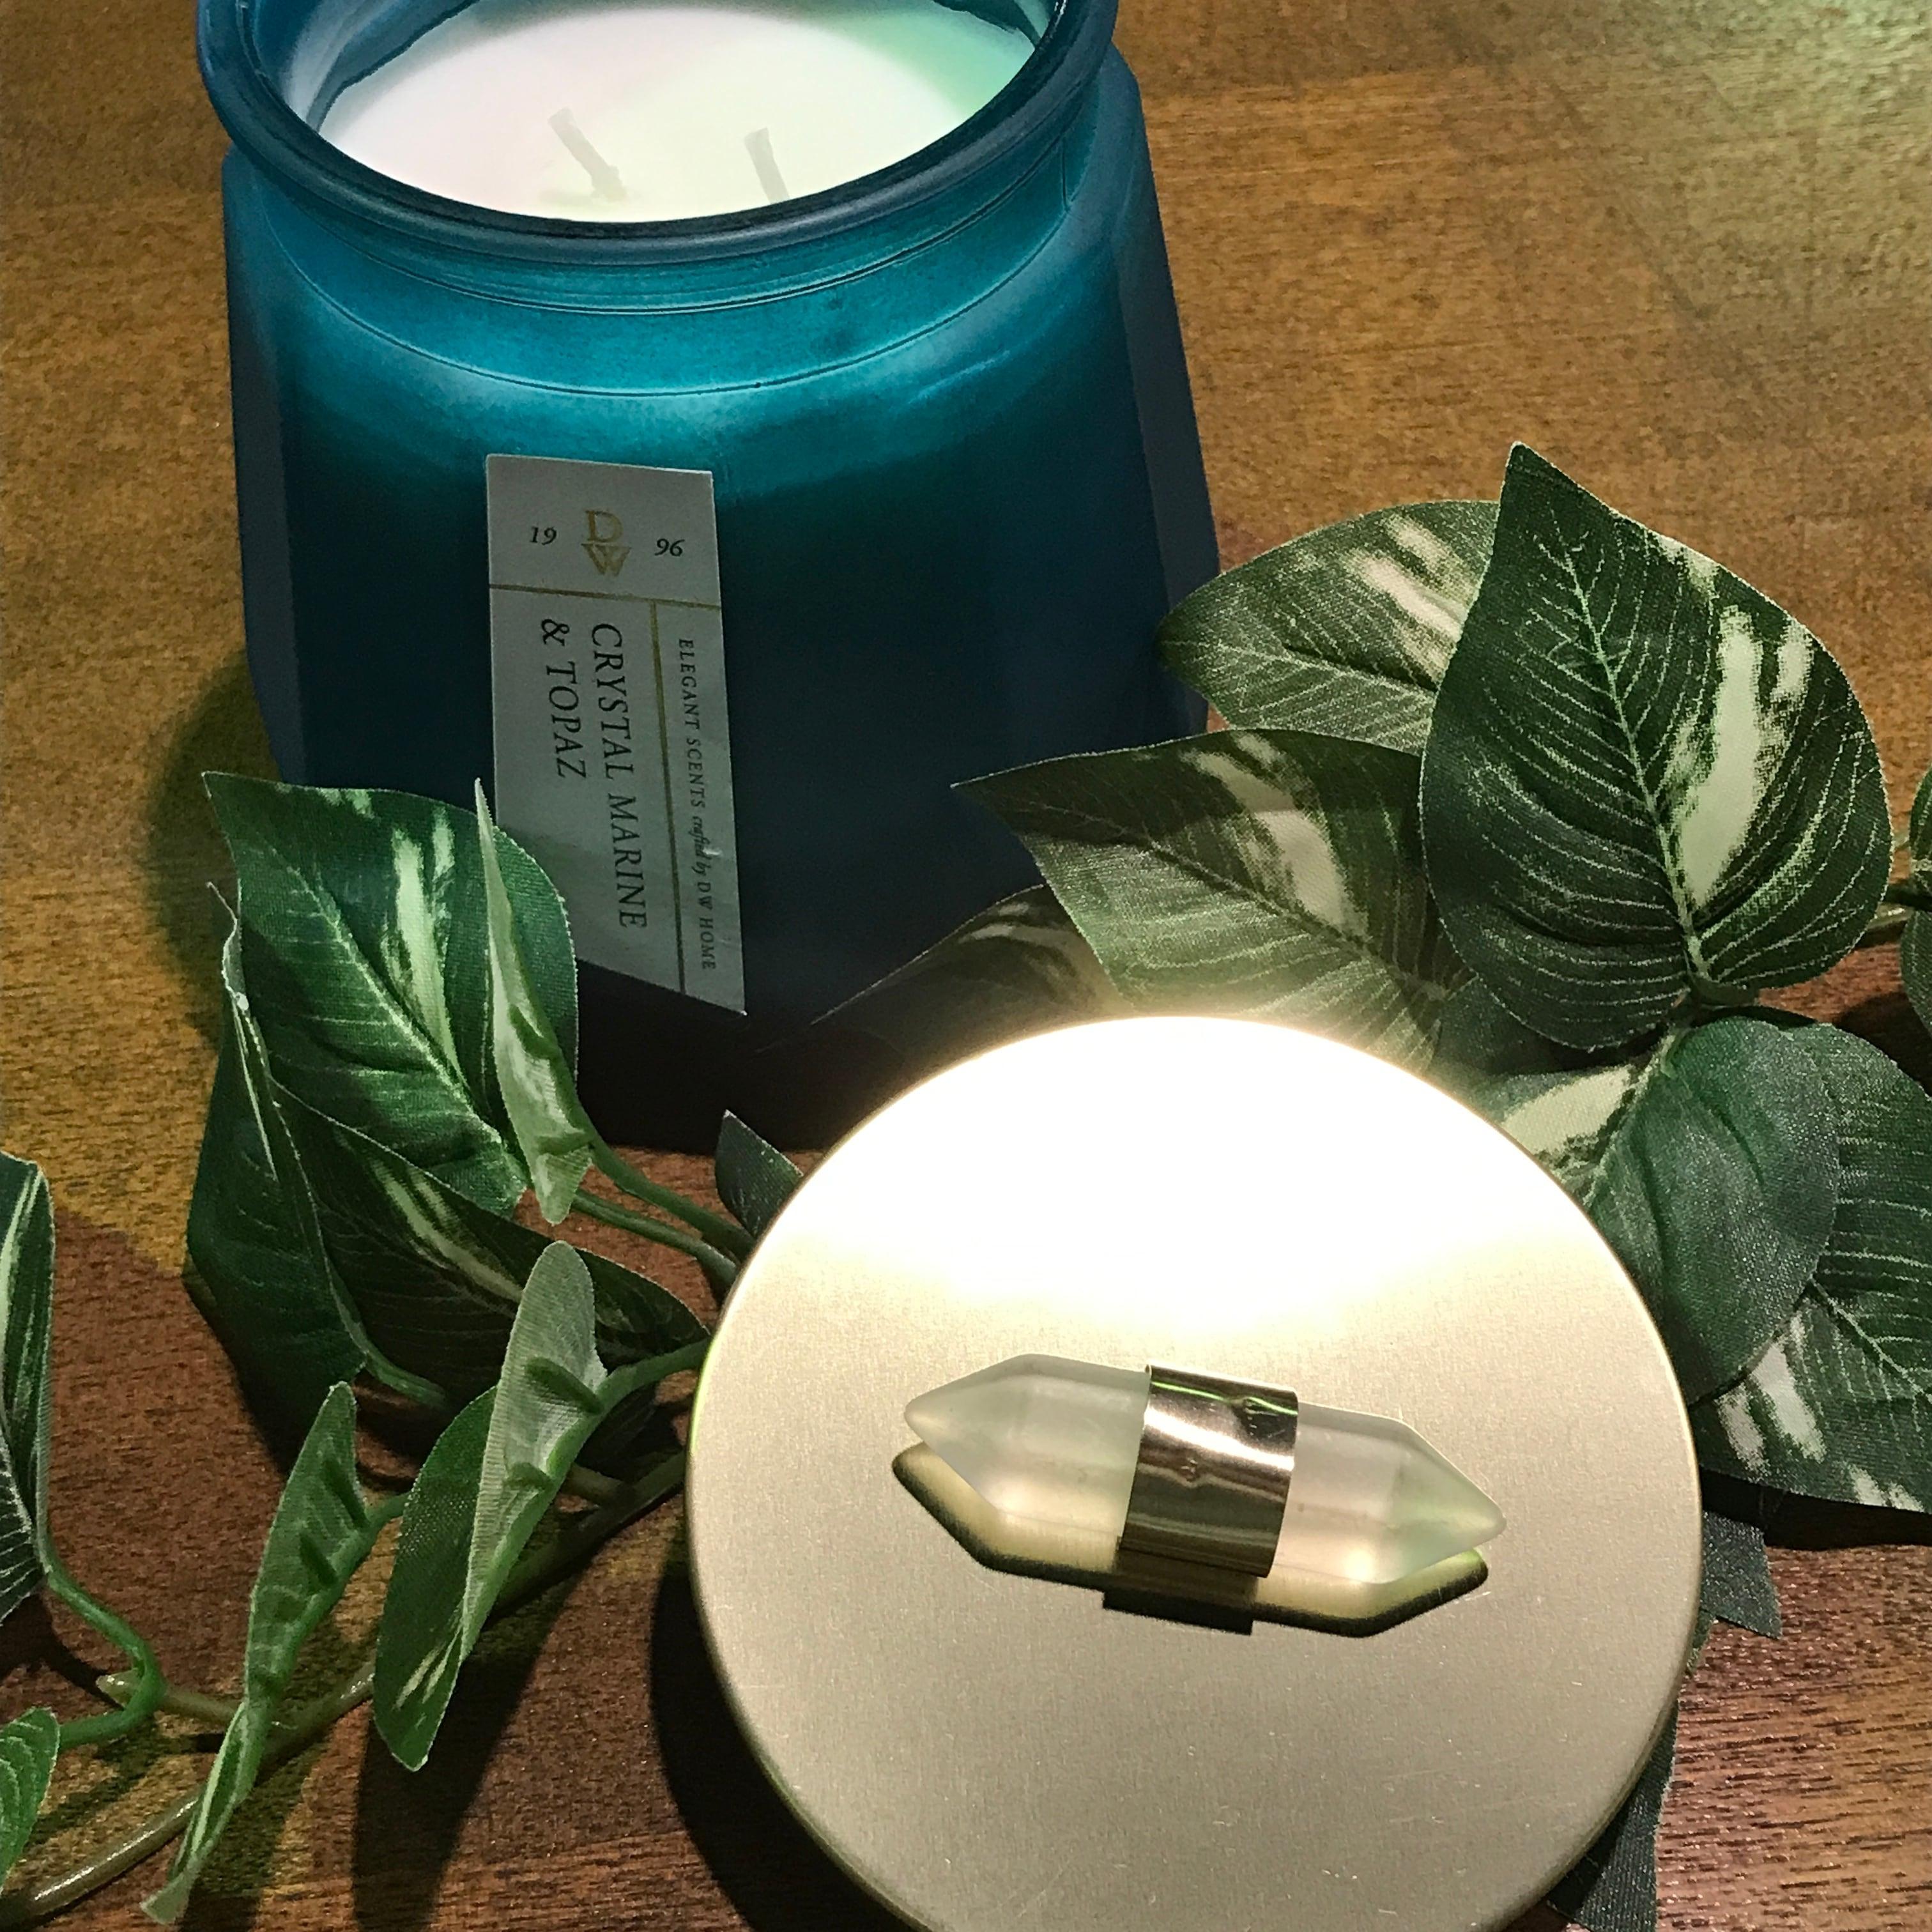 【DW Home Candles】CRYSTAL MARINE & TOPAZ【アロマキャンドル】